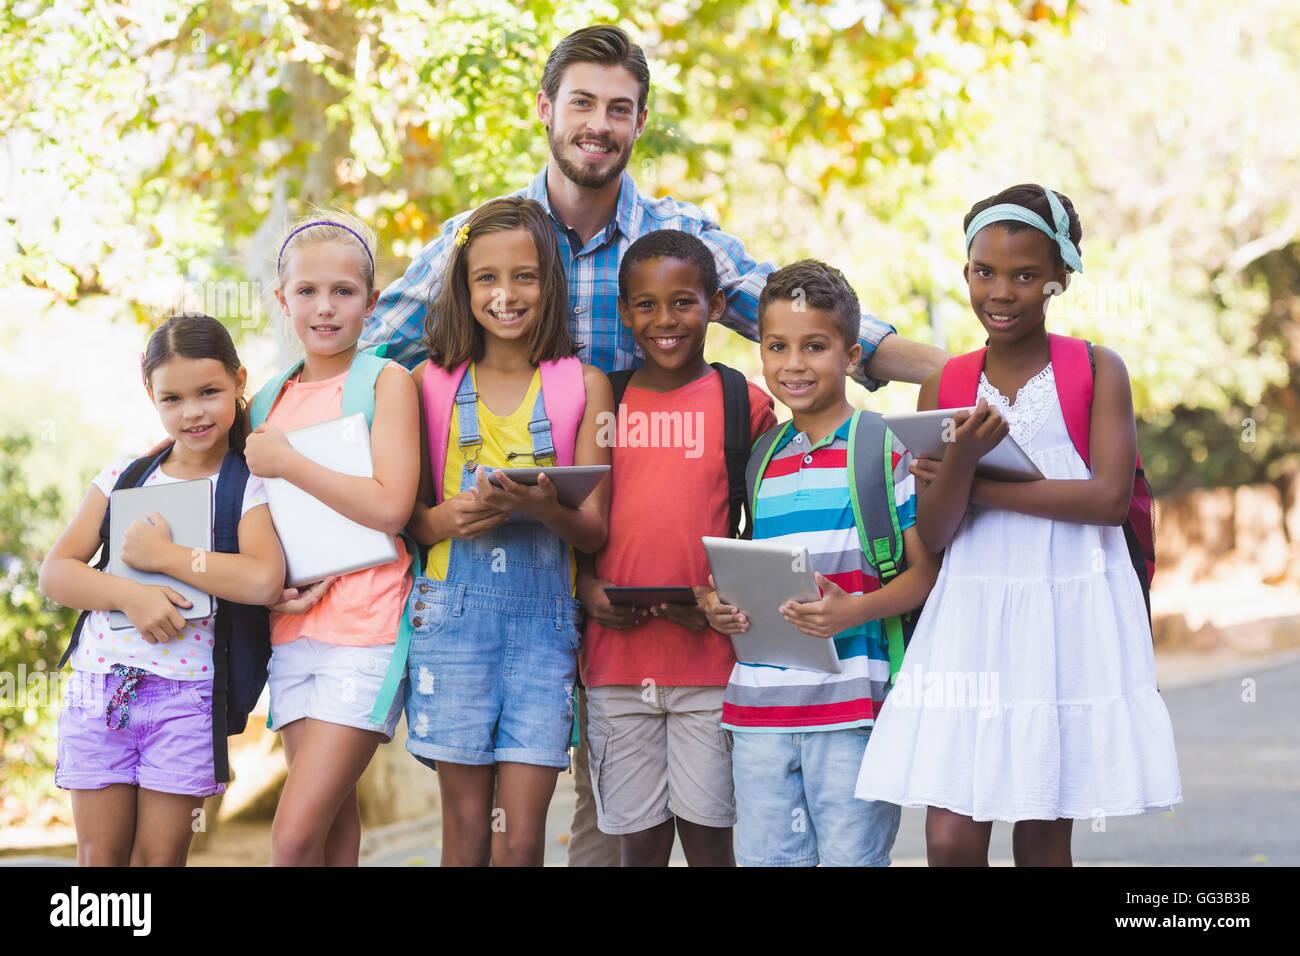 Maestro in piedi con i ragazzi della scuola Immagini Stock